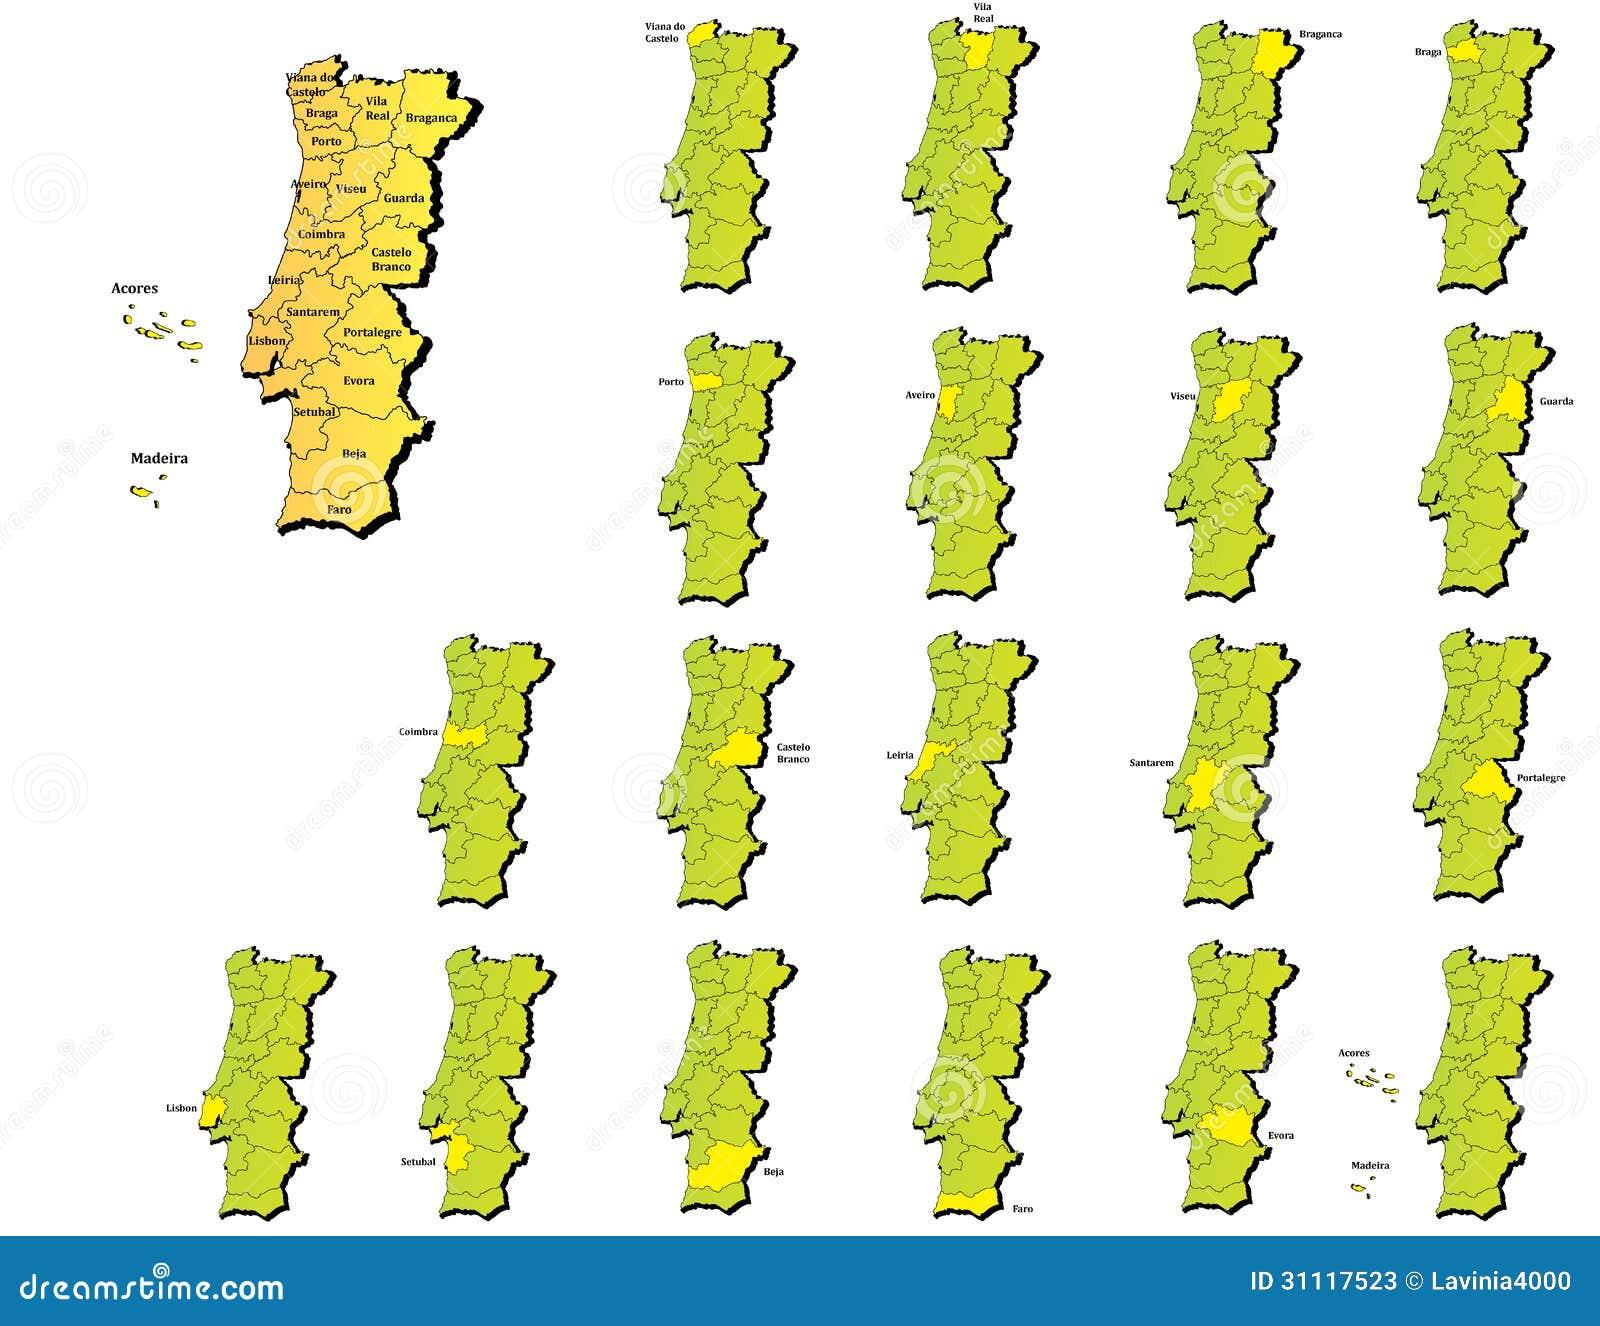 mapa provincias de portugal Mapas De Las Provincias De Portugal Ilustración del Vector  mapa provincias de portugal